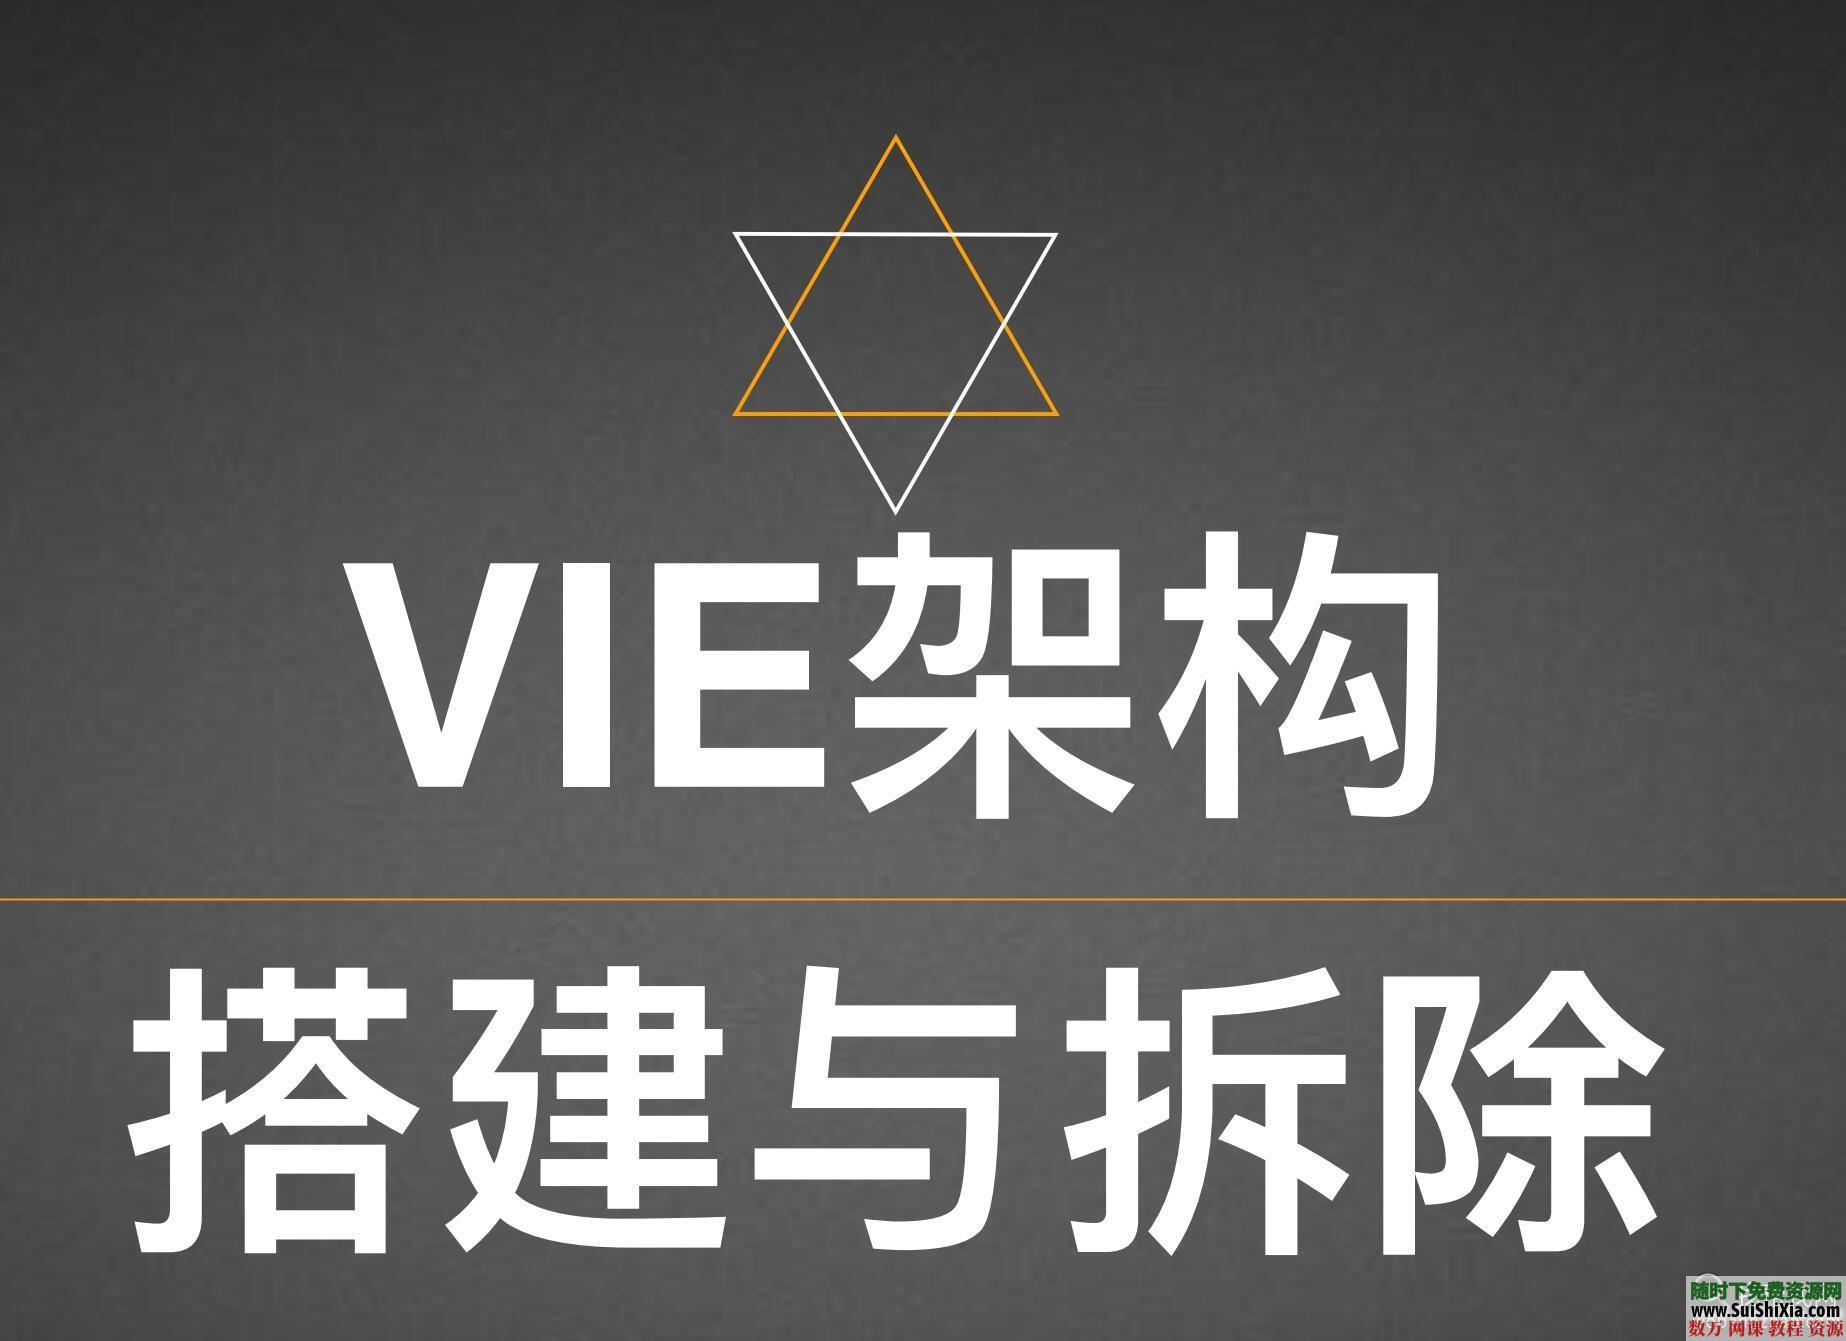 企业搭建与拆除VIE架构结构资料解析+案例介绍 第3张